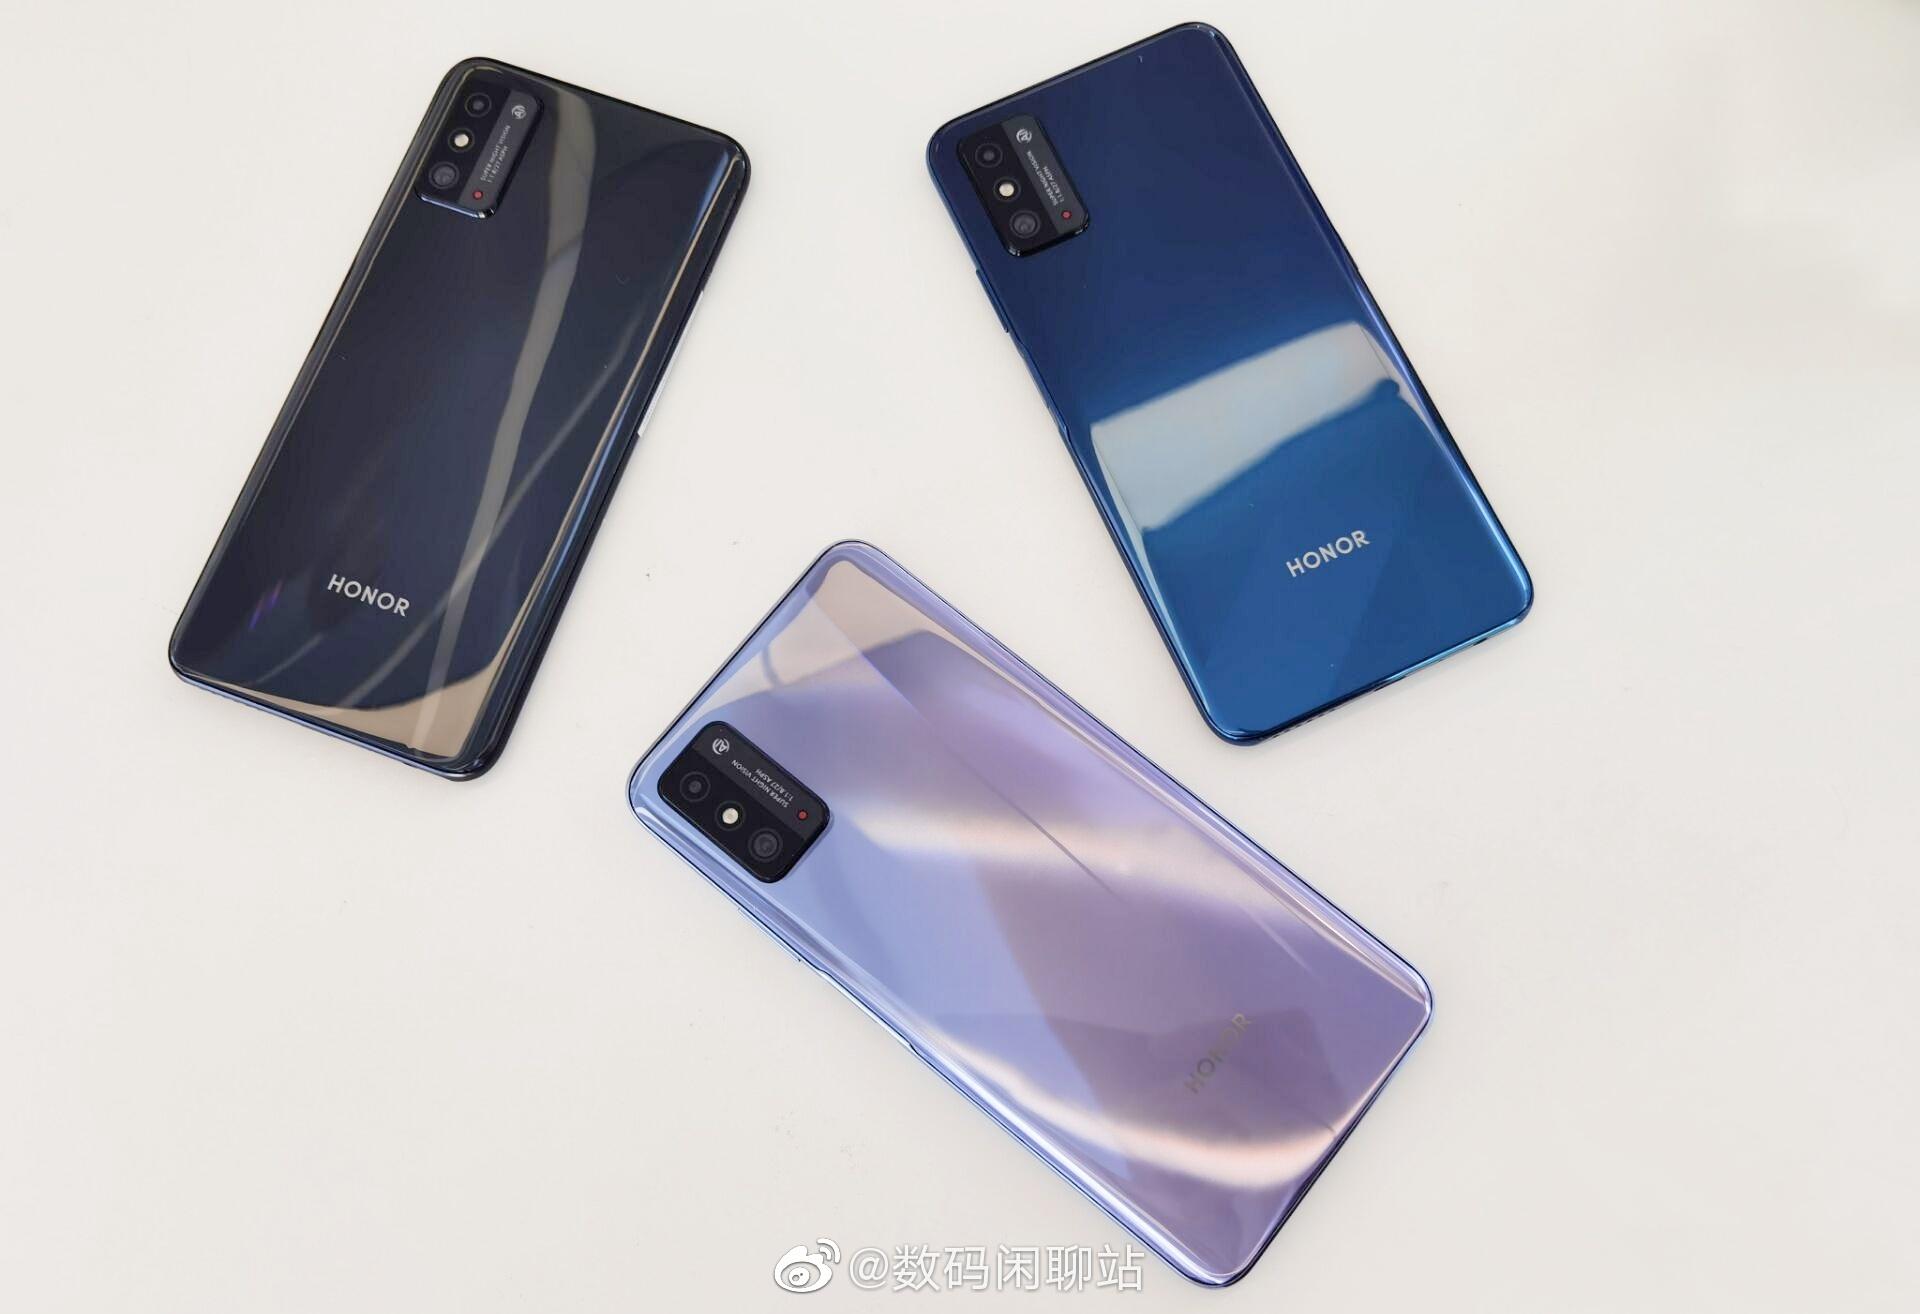 duży smartfon Honor X10 Max 5G zdjęcia plotki przecieki wycieki kiedy premiera specyfikacja dane techniczne